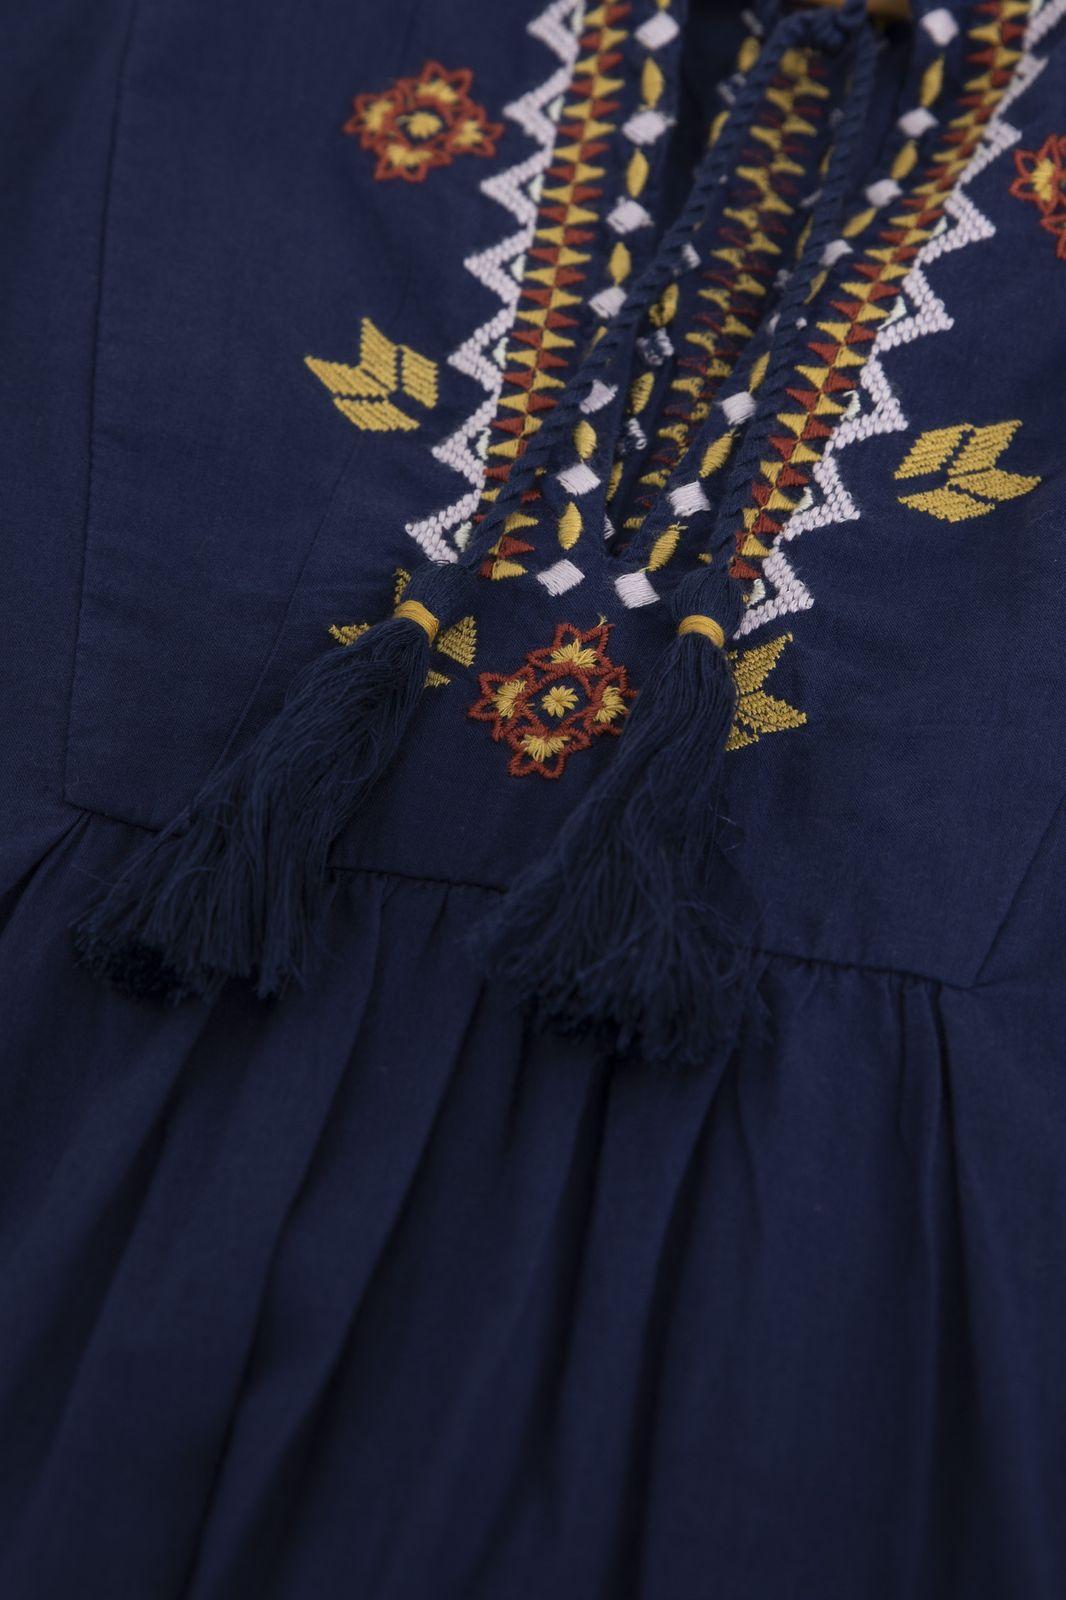 Donkerblauwe jurk met geborduurde details